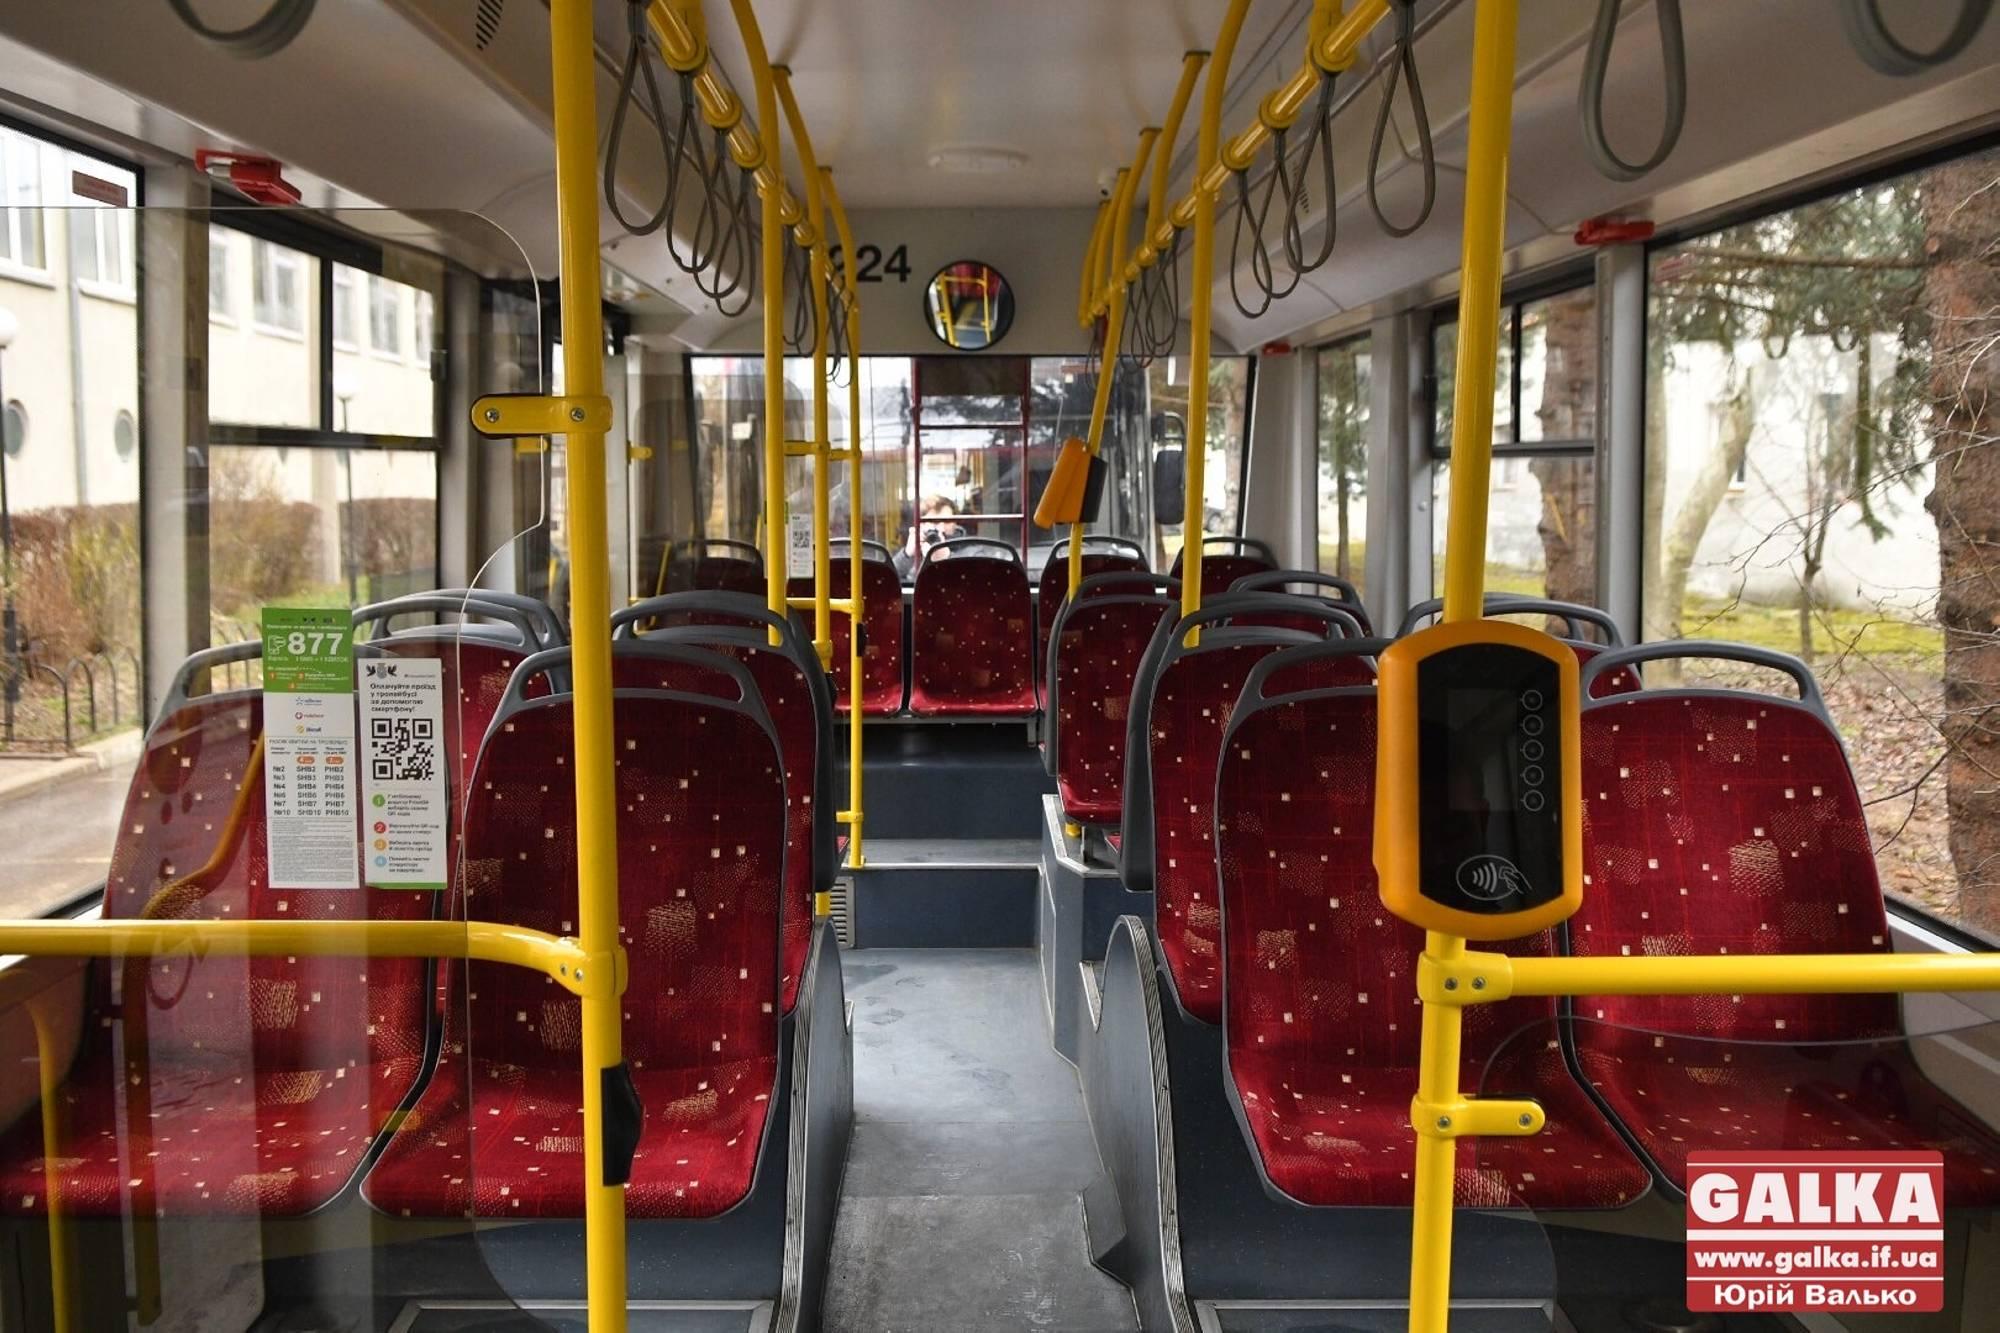 Франківці відреагували на пропозицію обмежити проїзд пенсіонерів у громадському транспорті